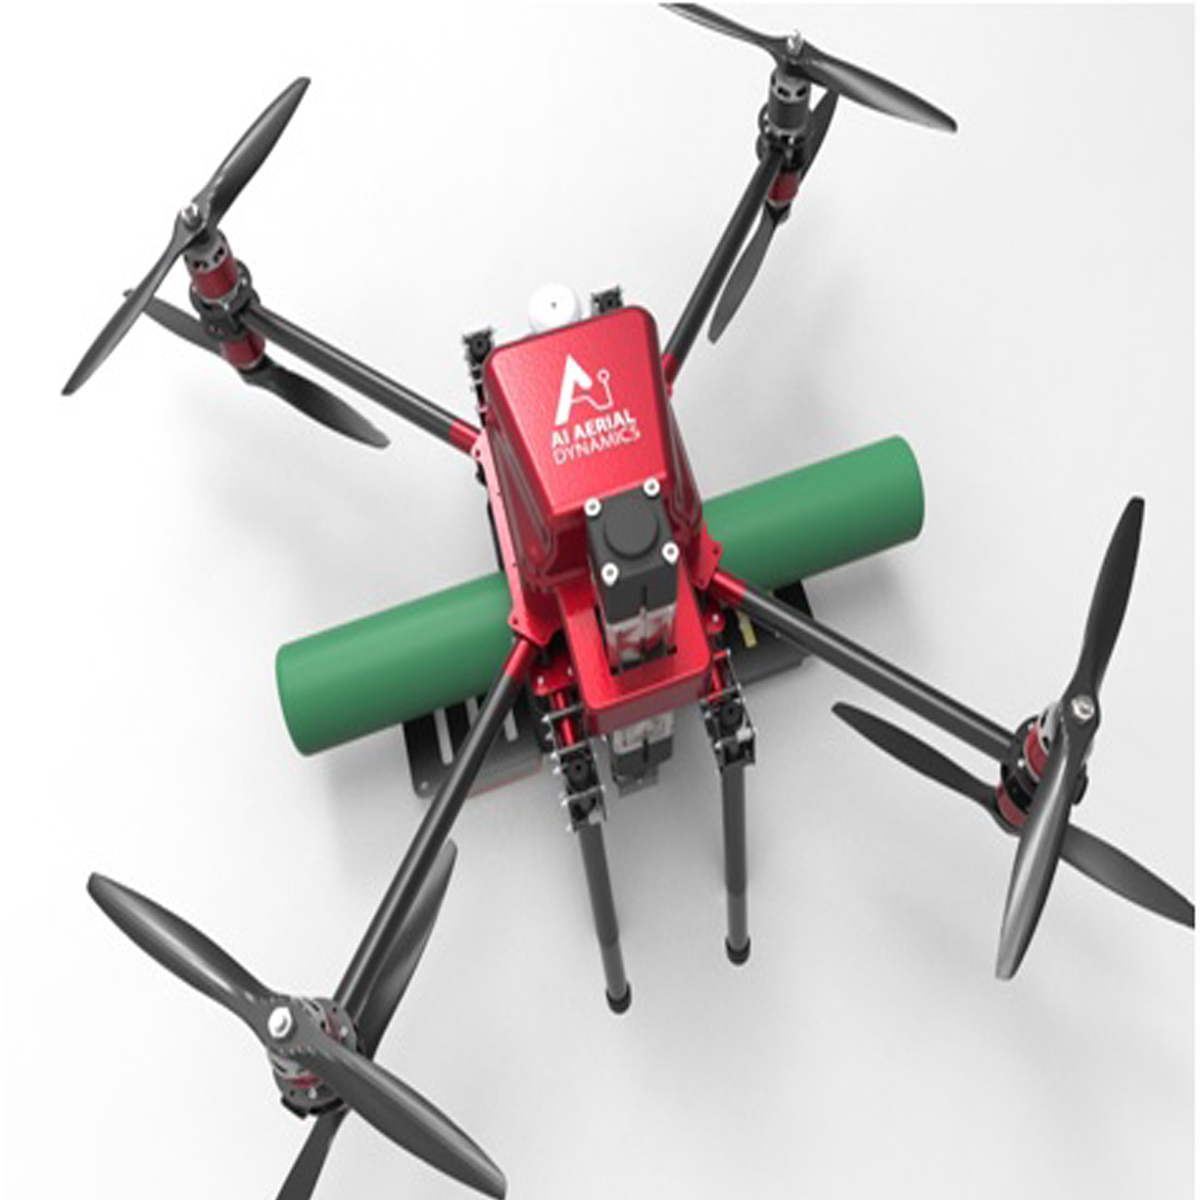 Autonomous UAV system